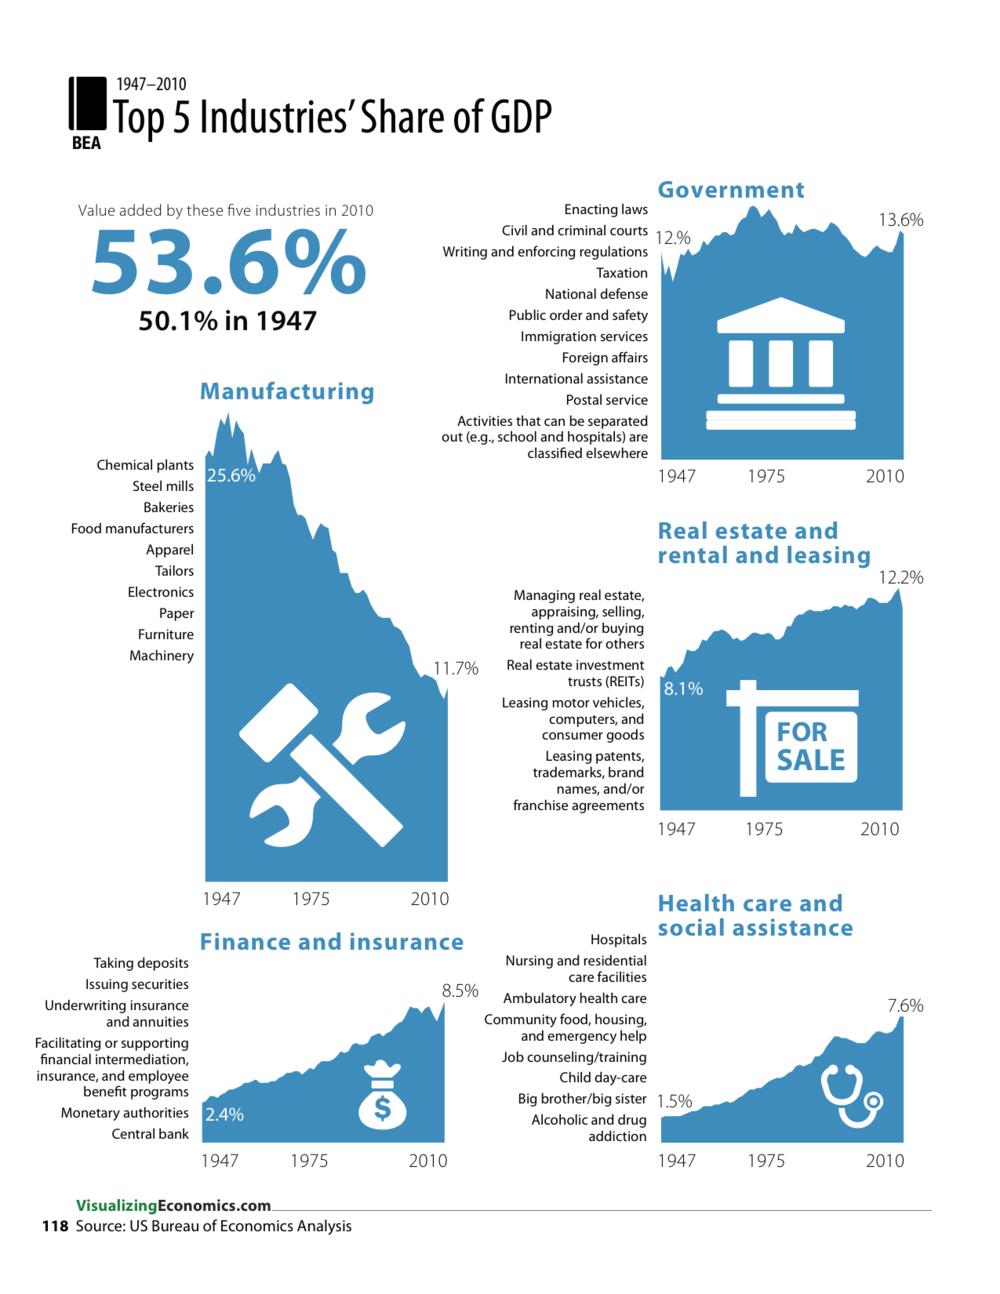 IncomeGuide_2013_Jan17_RGB_page%20118_118% - Cinco agentes generan el 53.6% del PIB en EEUU